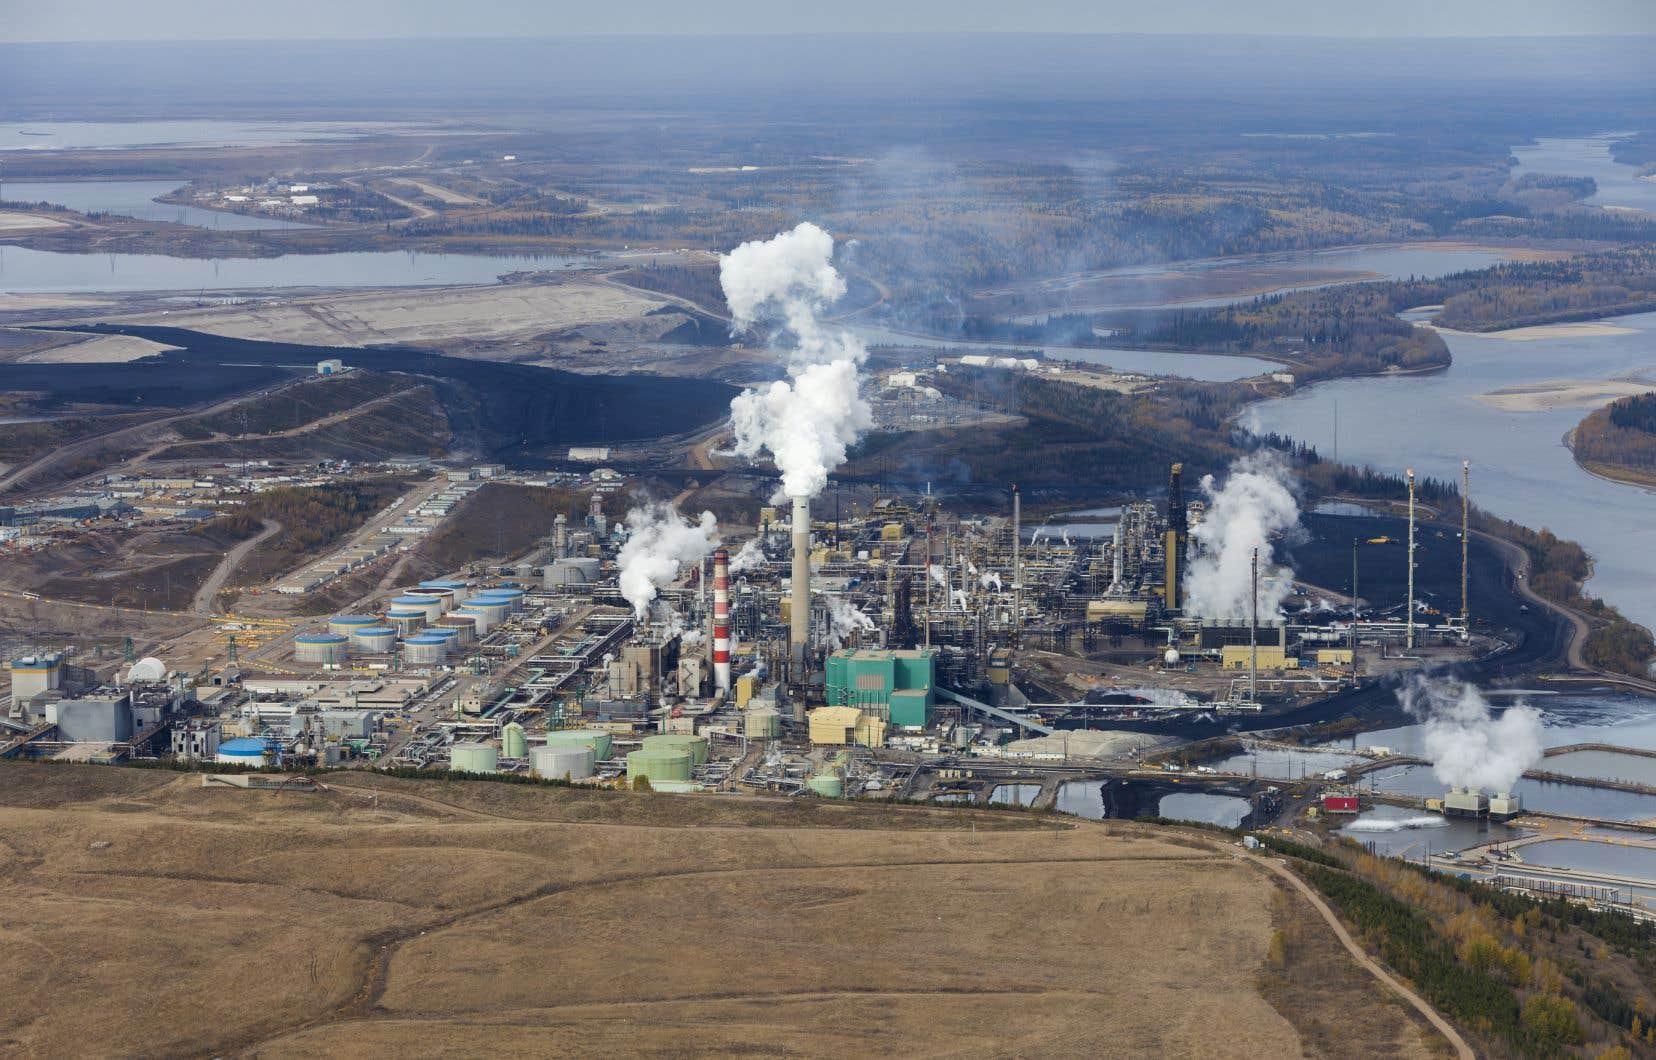 D'après le gouvernement fédéral, l'Alberta a enregistré une hausse de 18 % de ses GES, soit 232 millions de tonnes en 2005 contre 273 millions de tonnes en 2018.